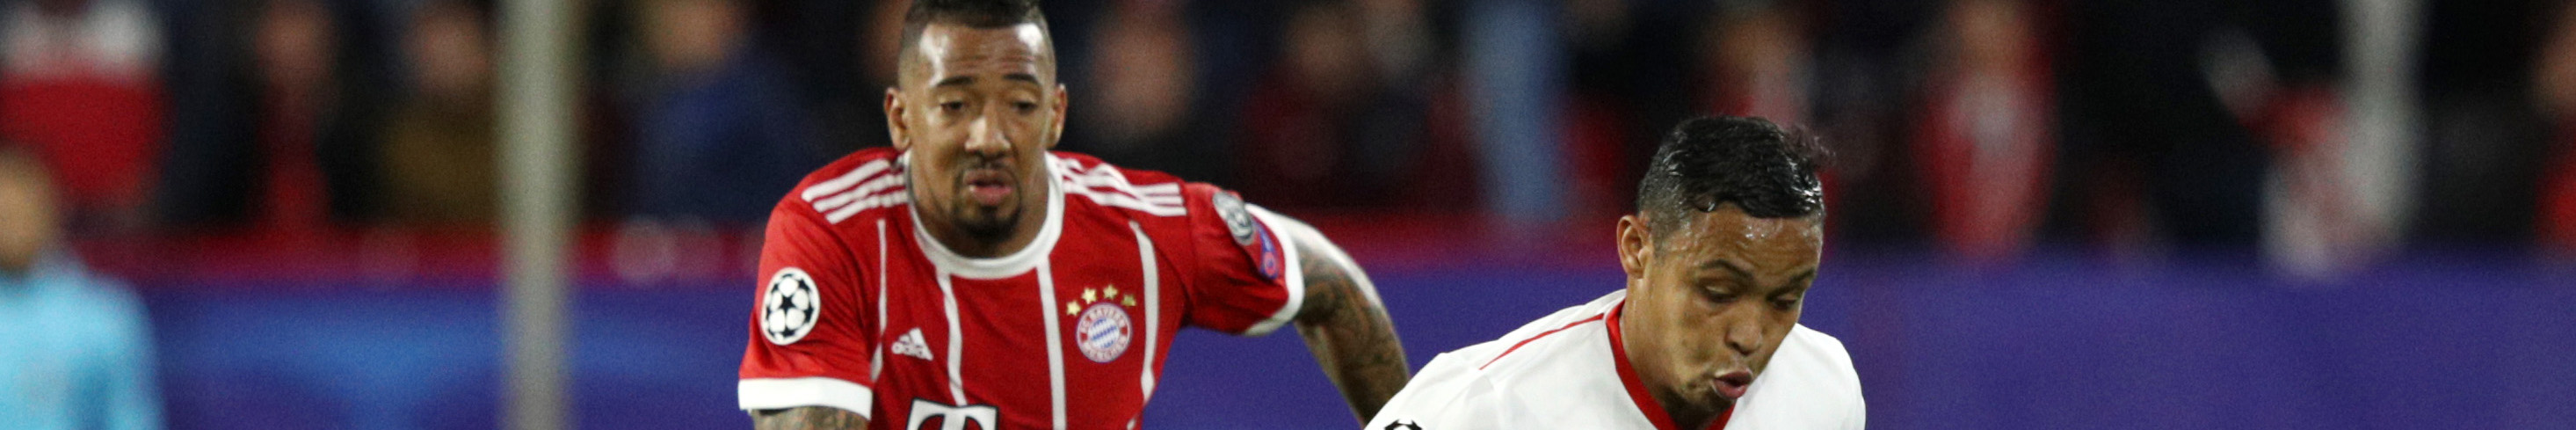 FC Bayern - FC Sevilla: Konzentriert ins Halbfinale